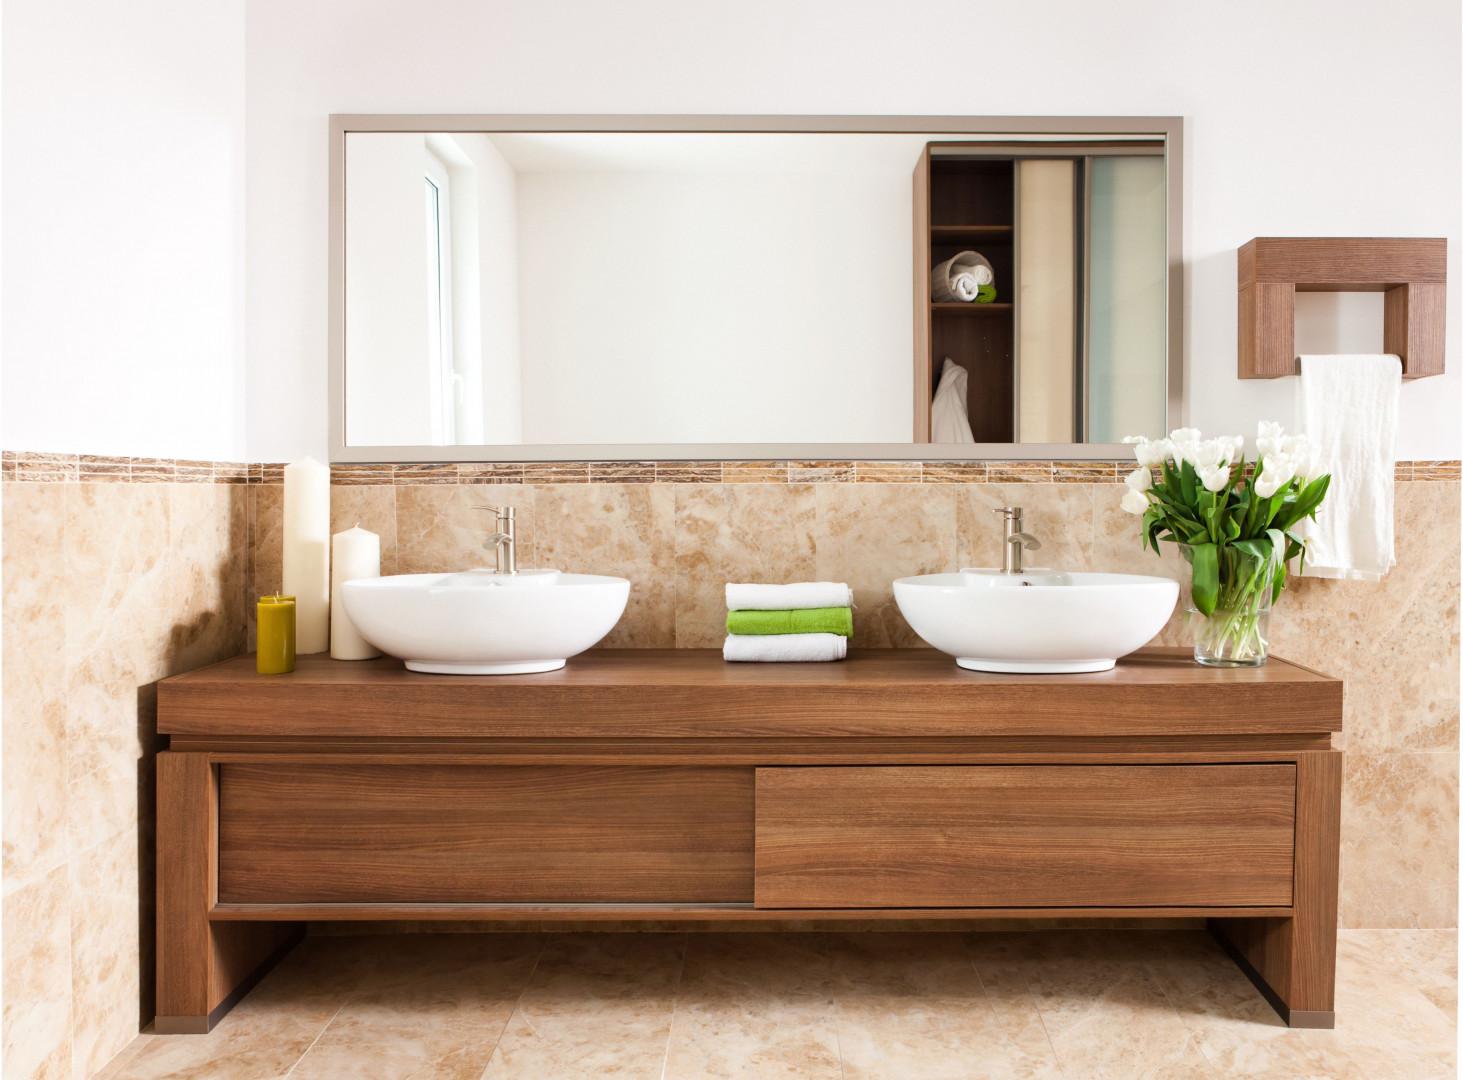 Małe fronty przesuwne doskonale sprawdzają się w meblach łazienkowych. Fot. Sevroll-System